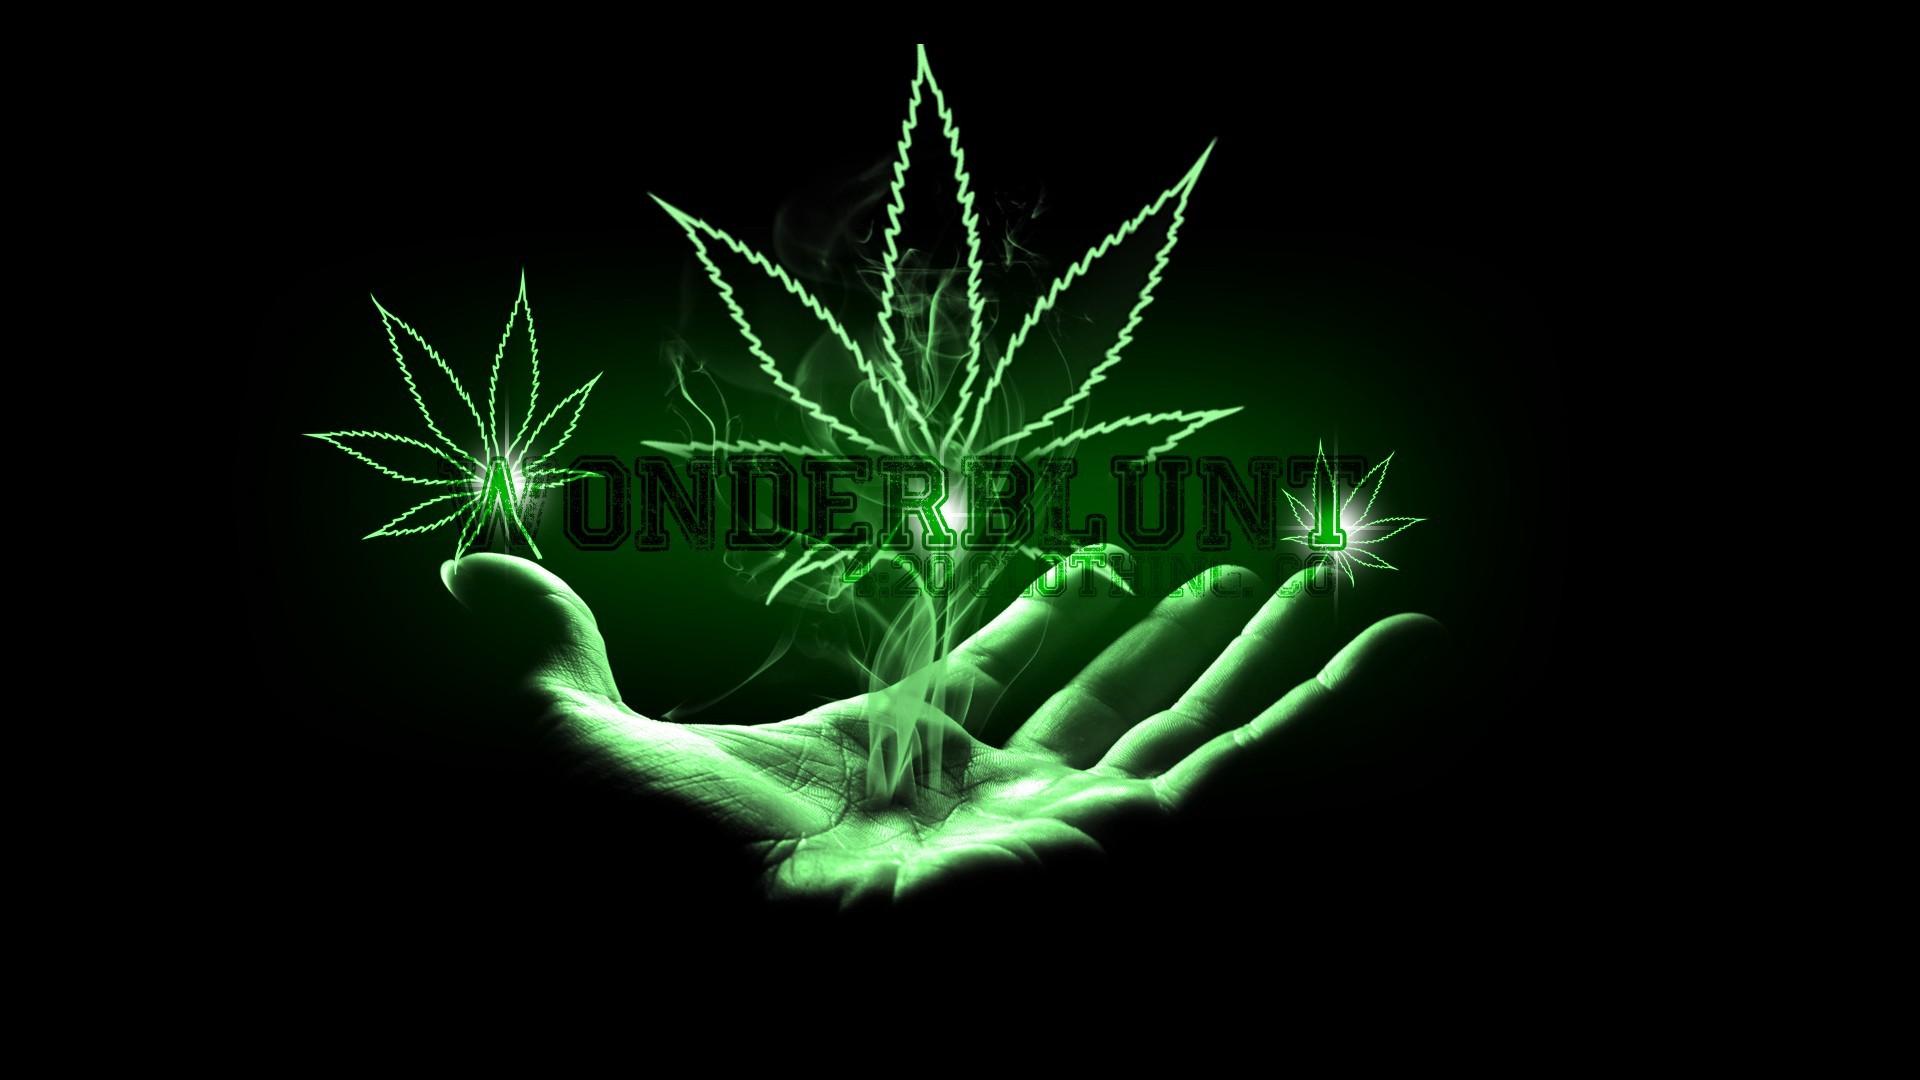 Marijuana weed 420 ganja q wallpaper 1920x1080 171588 1920x1080